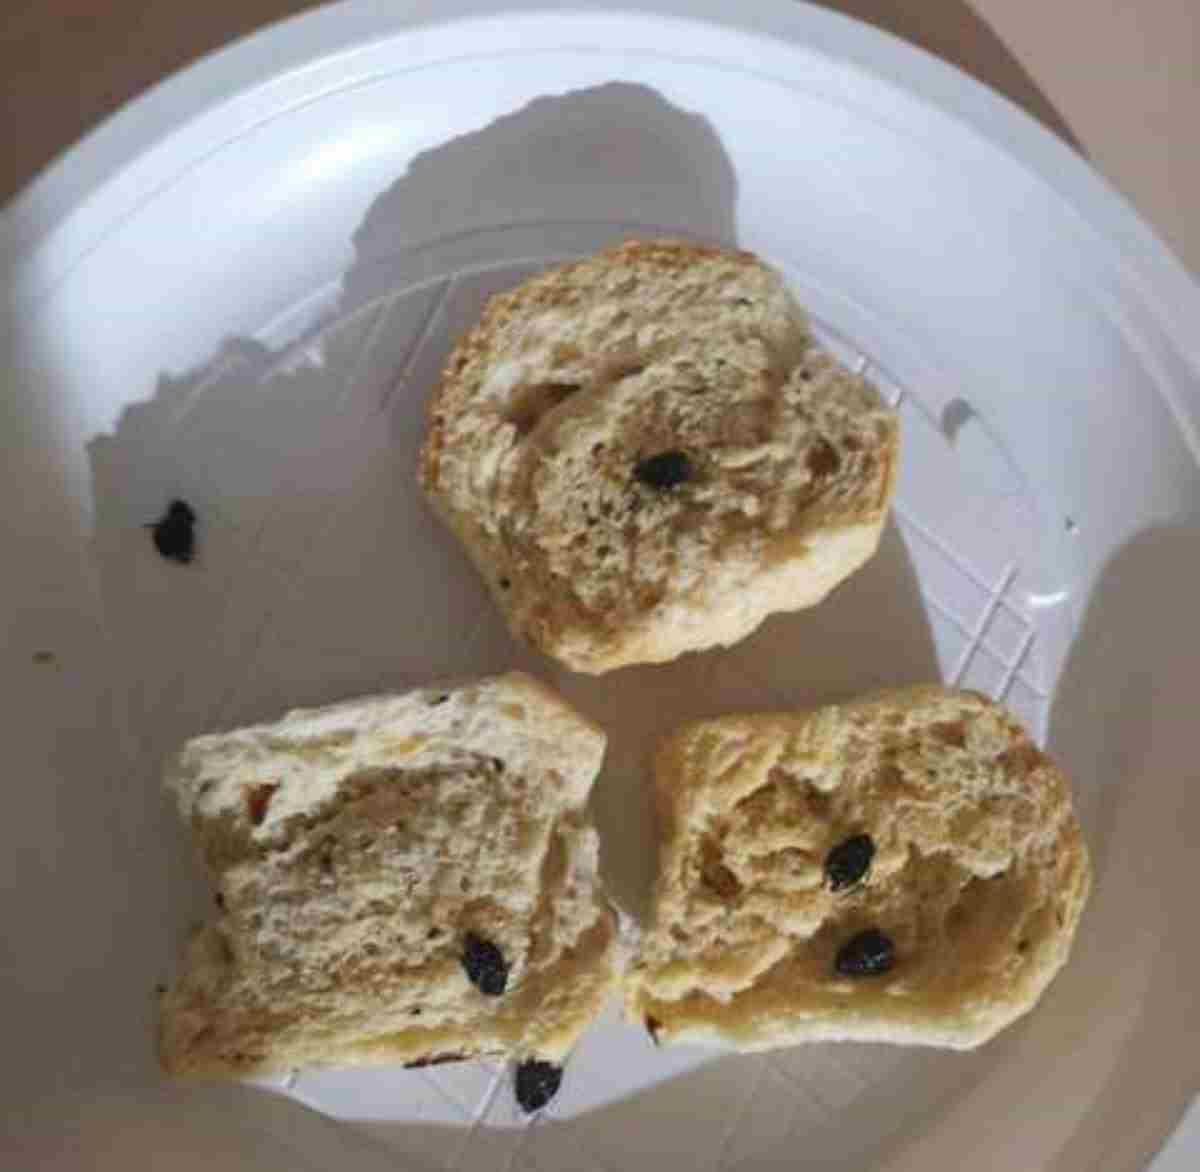 Nubi di insetti invadono spiagge e ristoranti in Salento: insetti nei piatti e fra i capelli